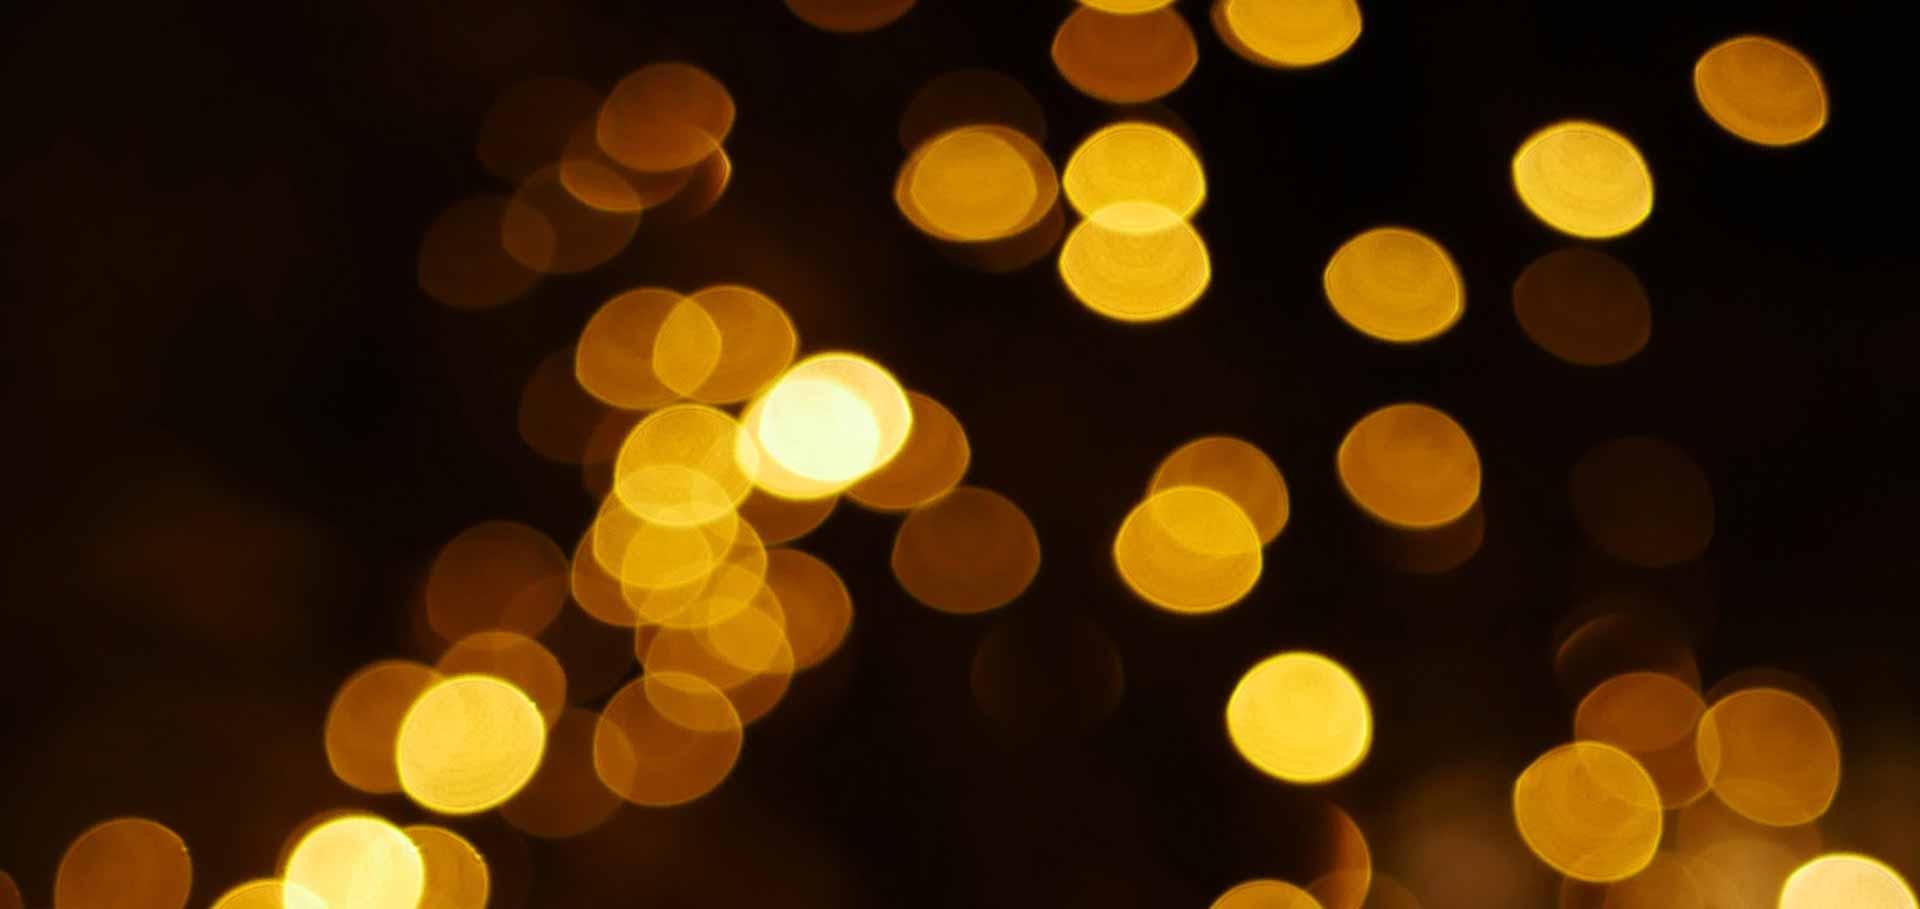 Tercera edat, visió i il·luminació